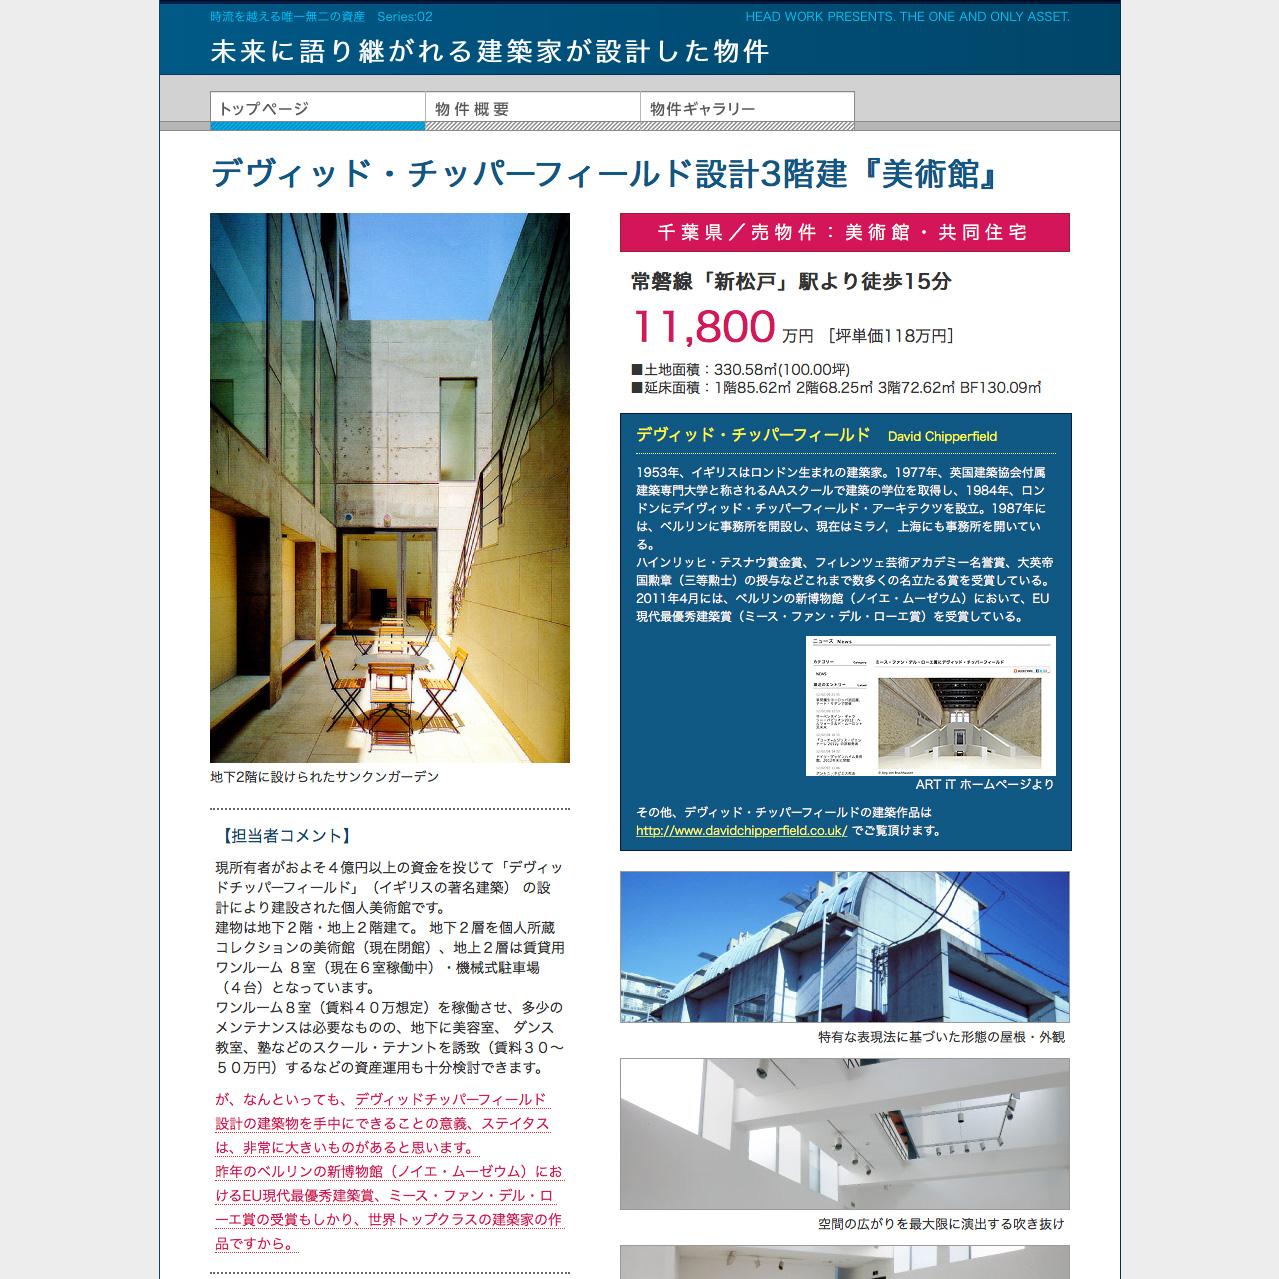 デヴィッド・チッパーフィールド設計3階建美術館 トップページ